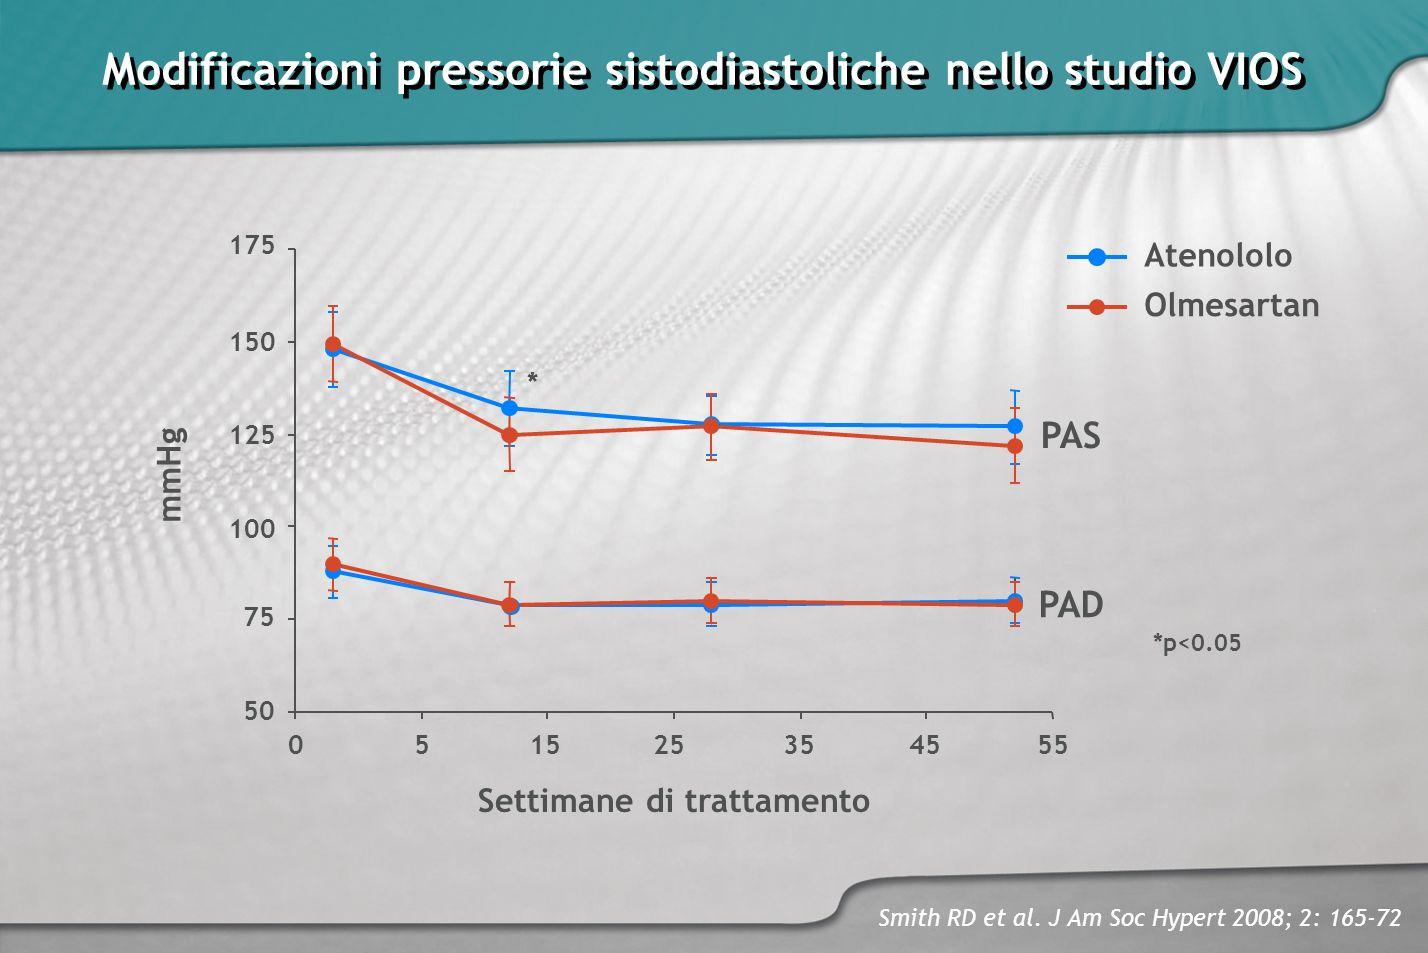 Modificazioni pressorie sistodiastoliche nello studio VIOS Smith RD et al. J Am Soc Hypert 2008; 2: 165-72 Atenololo Olmesartan *p<0.05 50 Settimane d